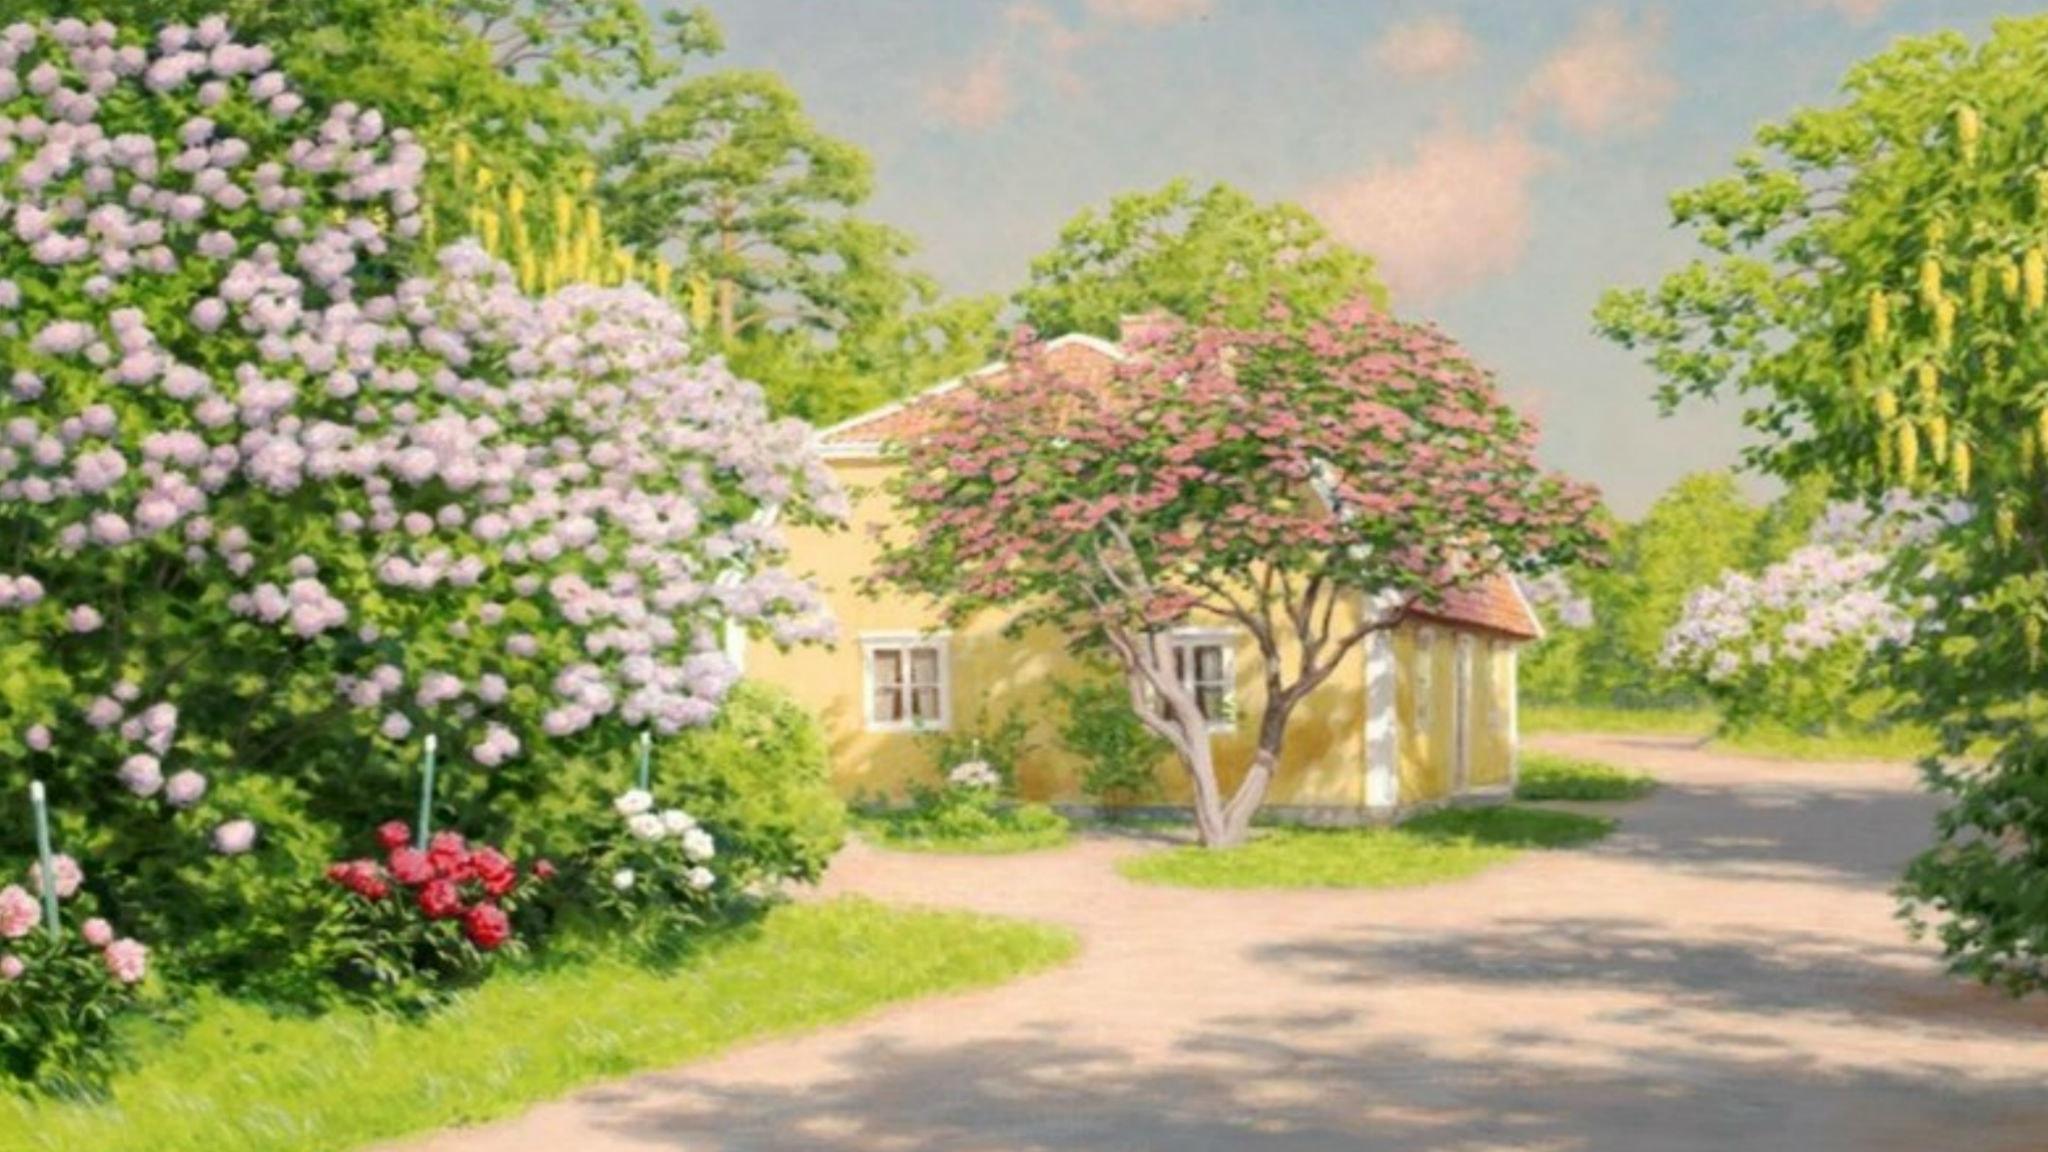 Blommande vårträdgård. Johan Krouthén (ca. 1900)